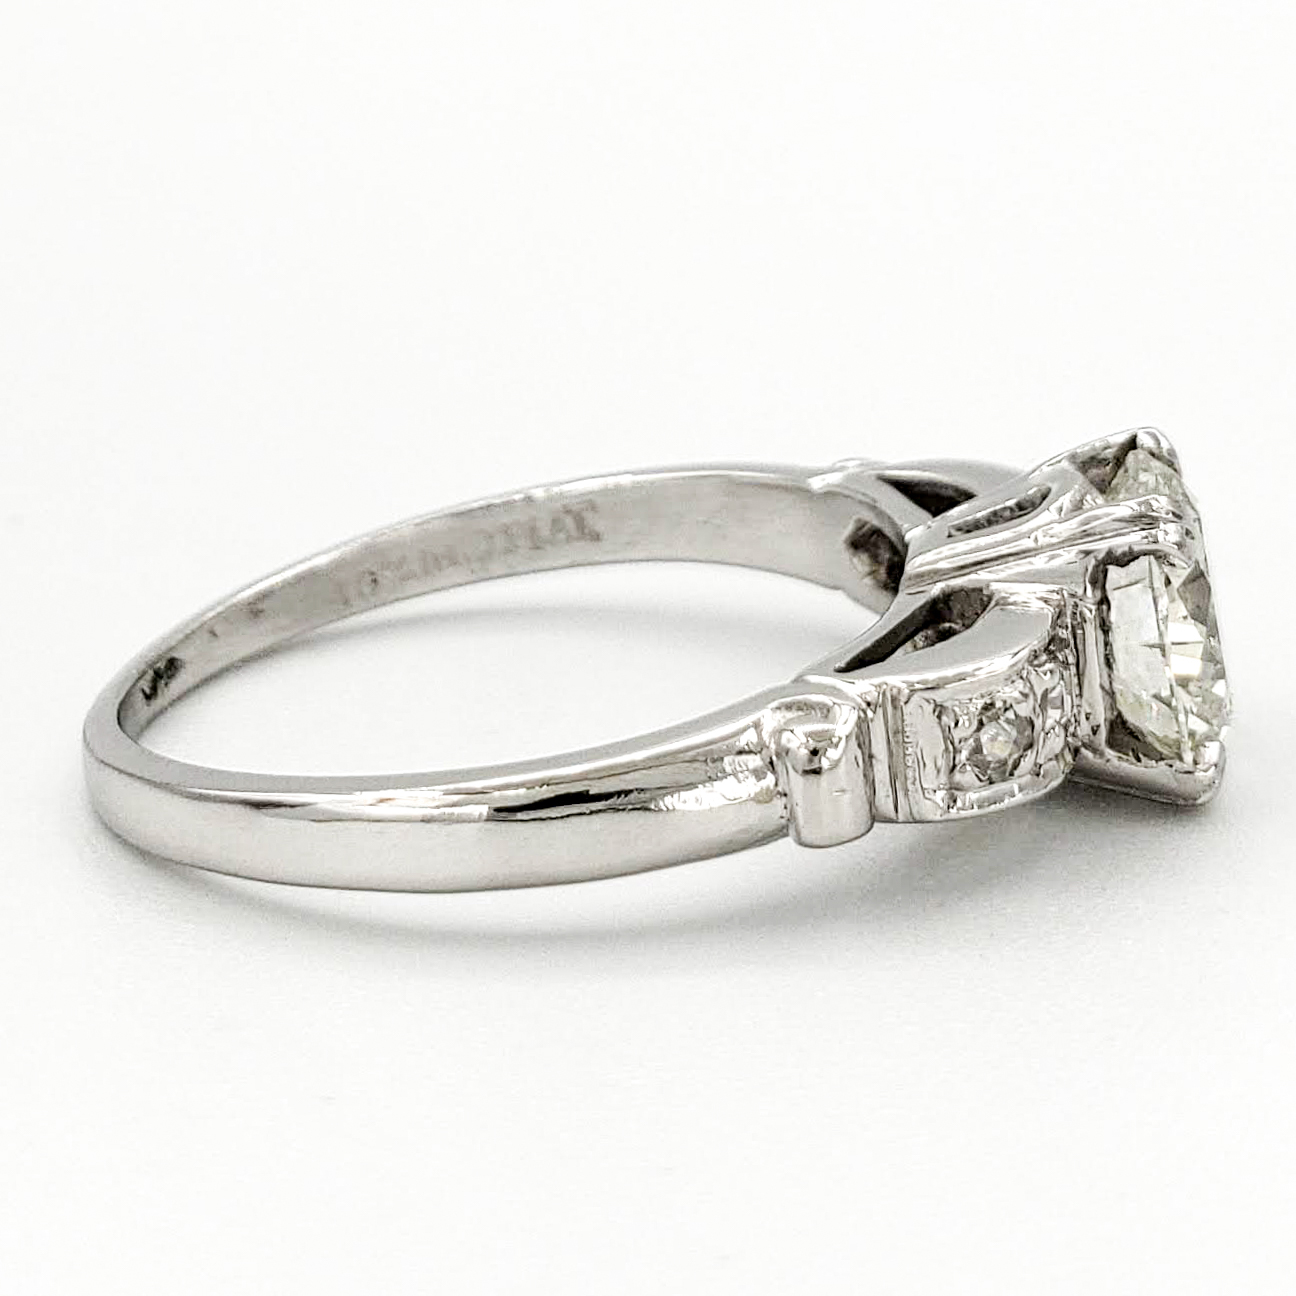 vintage-platinum-engagement-ring-with-1-05-carat-round-brilliant-cut-diamond-egl-i-si1